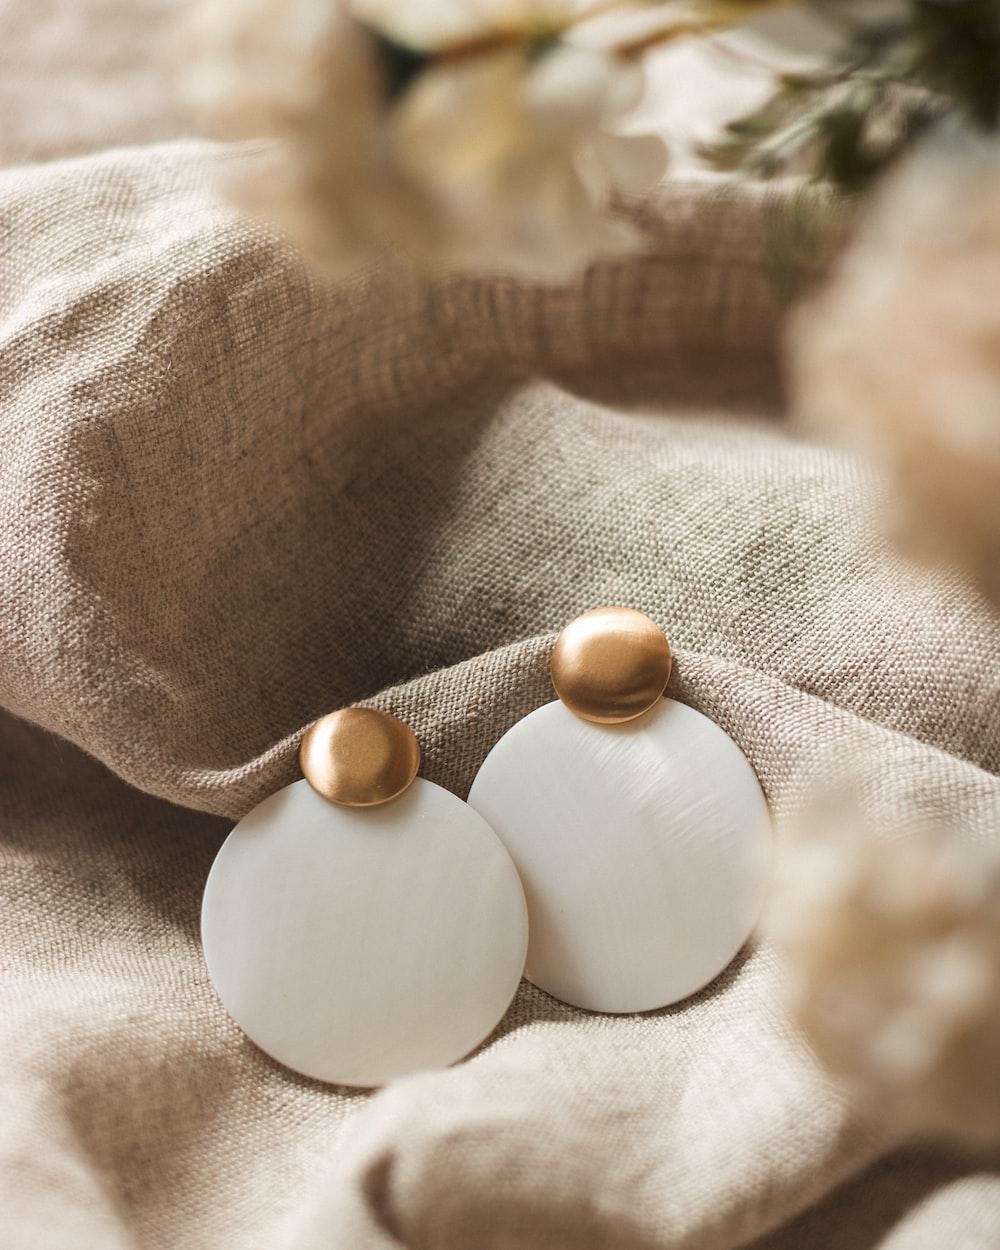 white egg on white textile